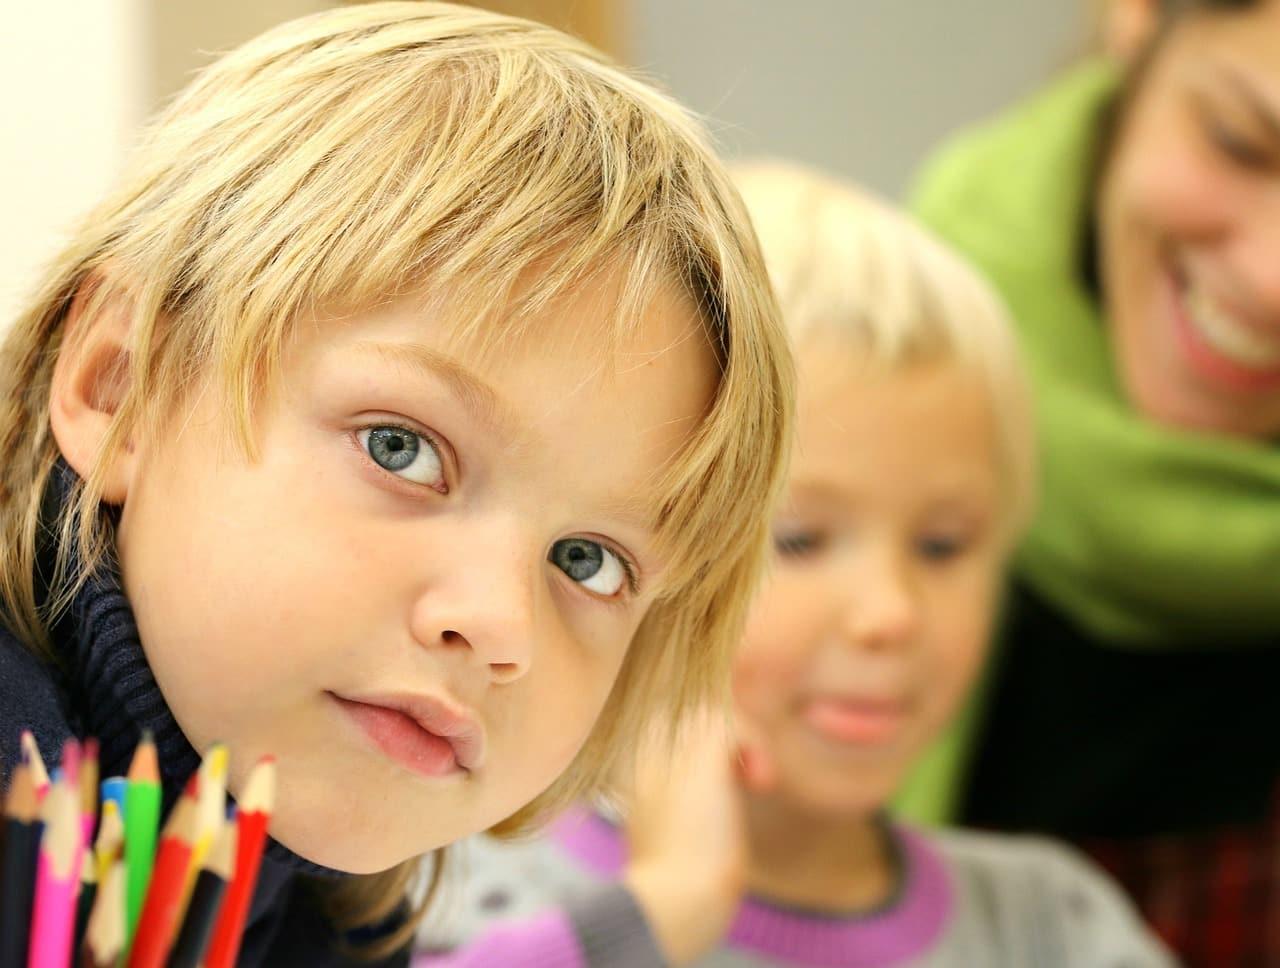 Κλείνουν όλα τα σχολεία στην Ελλάδα - Κορονοϊός Πότε ανοίγουν τα σχολεία Ιανουάριος 2020 - Σχολικές αργίες προνήπια ΕΕΤΑΑ: 3.500 Vouchers για 13 Δήμους από 11 Σεπτεμβρίου (ΛΙΣΤΑ) Πότε ανοίγουν τα σχολεία Σεπτέμβριο 2019 - Τι ώρα χτυπάει το κουδούνι νέα σχολική χρονιά 2019 – 2020